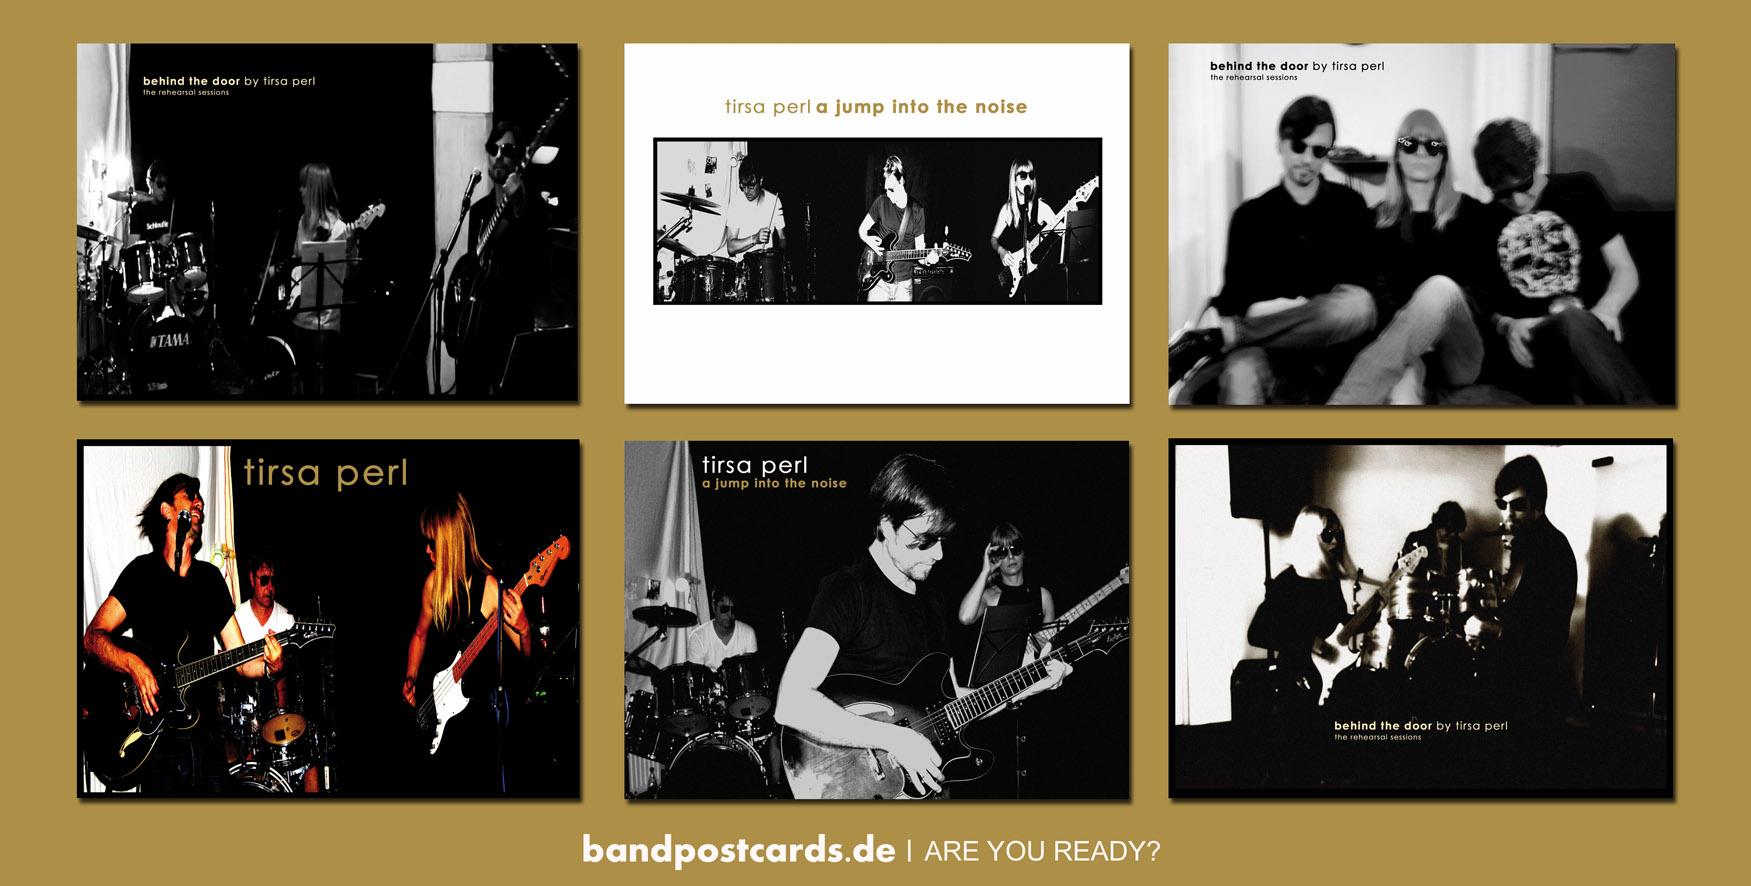 bandcards_tirsaperl_kai reininghaus